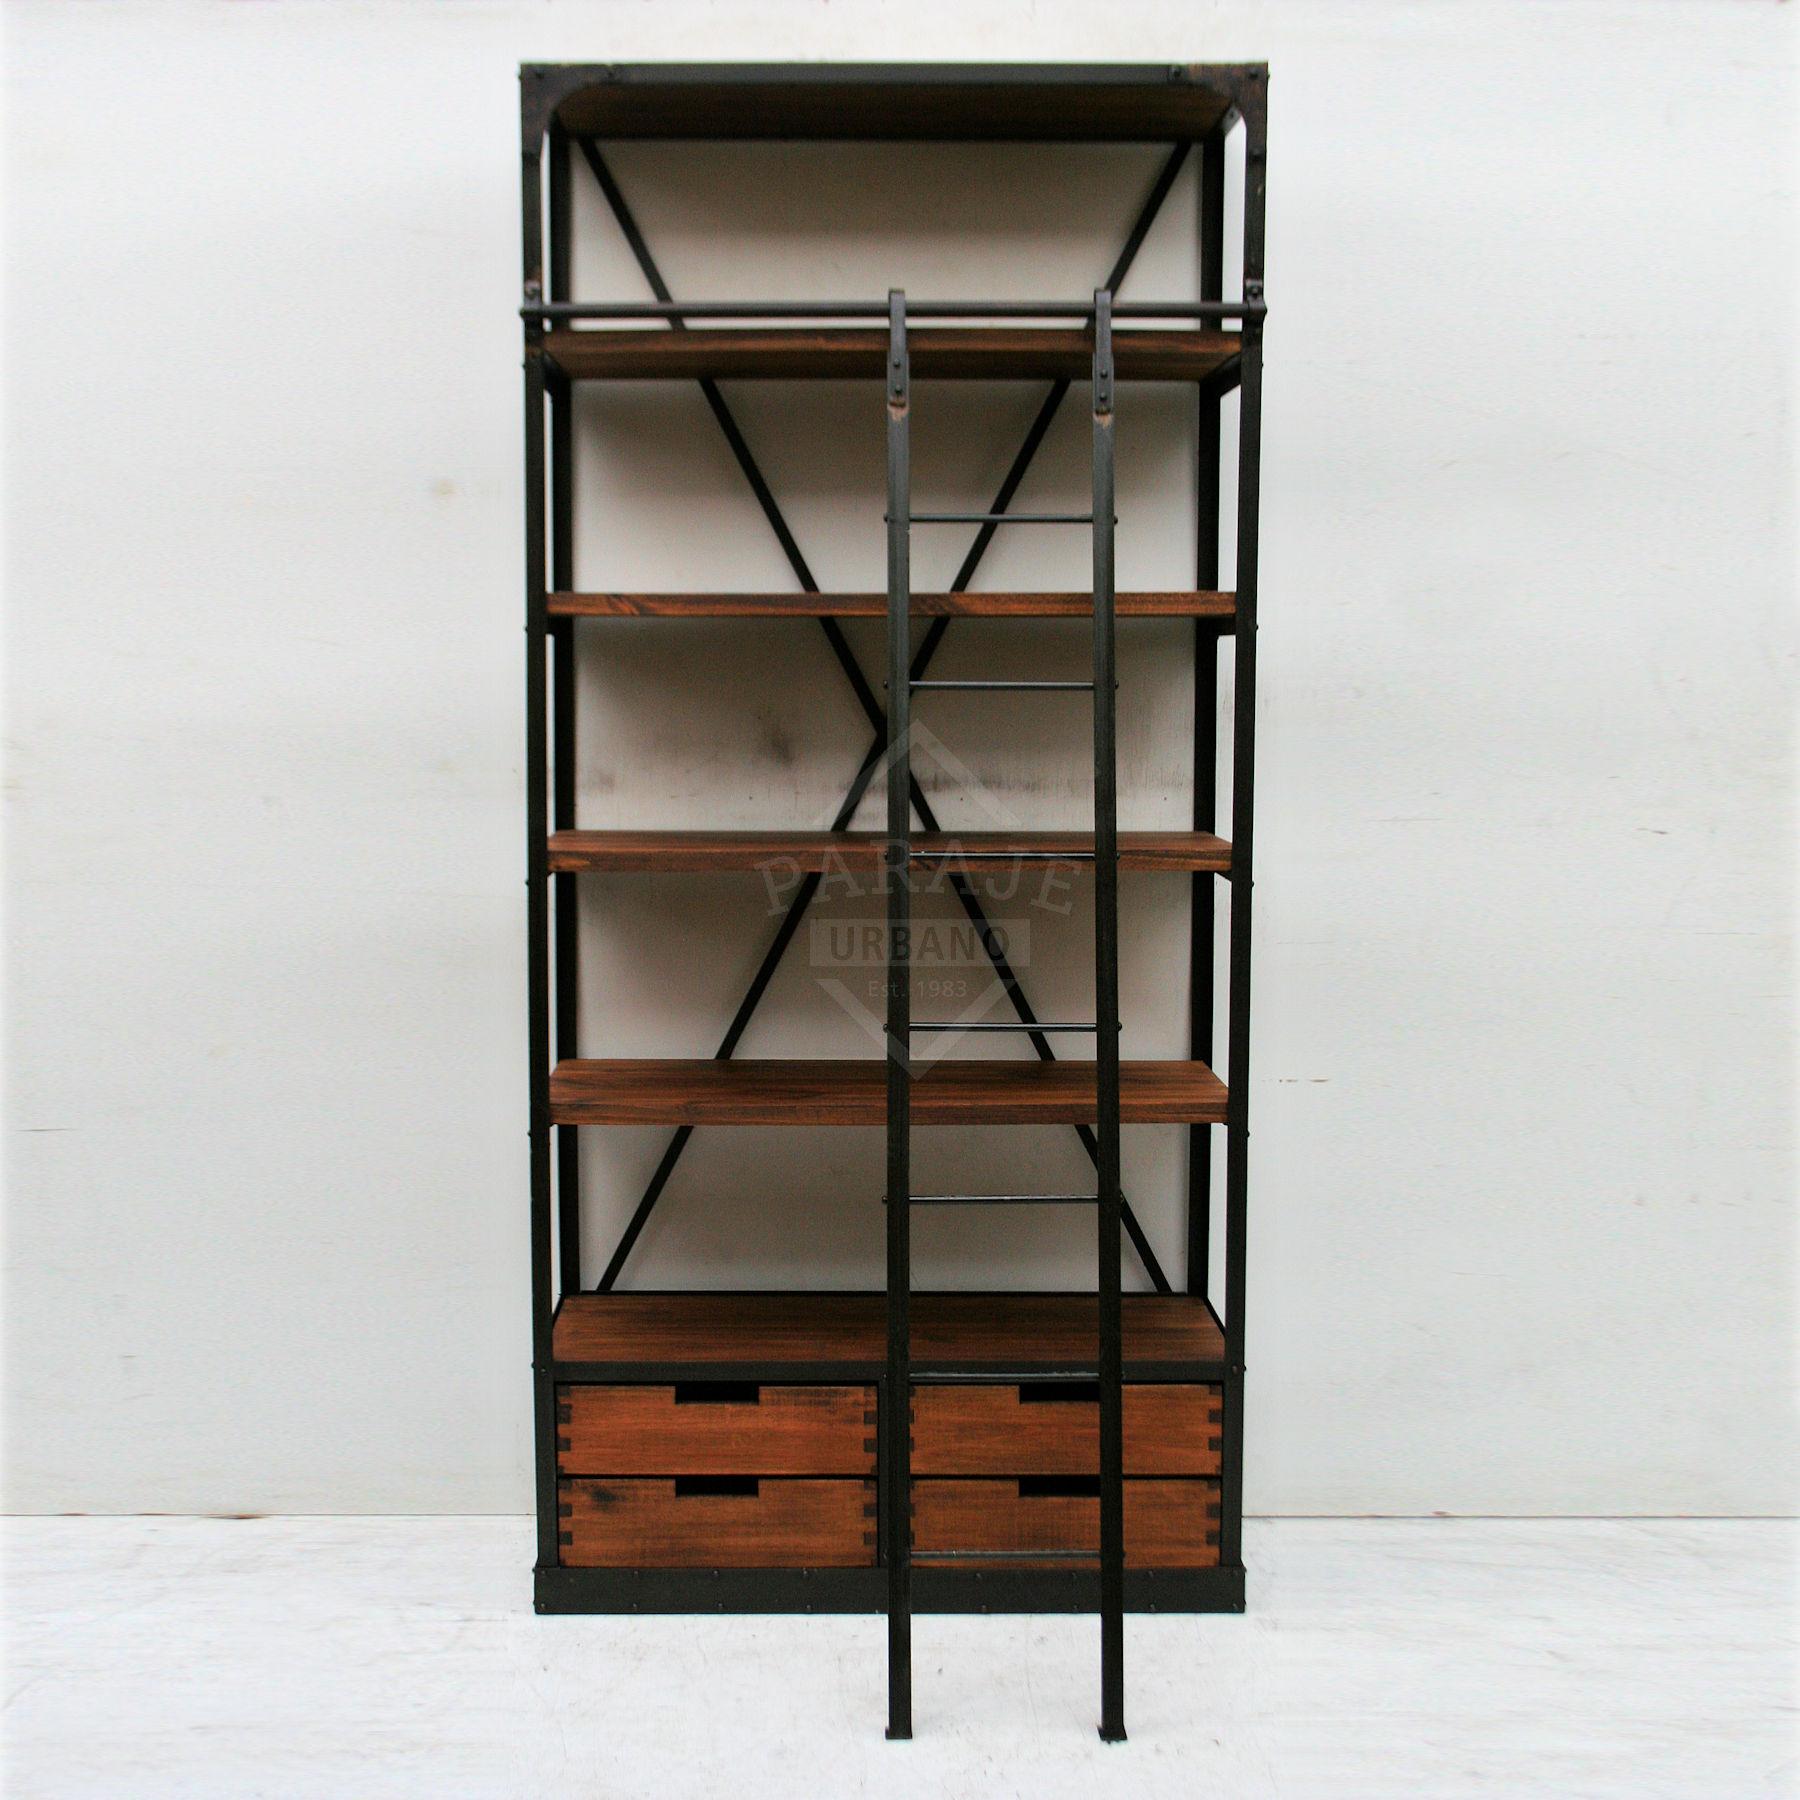 Estanteria de hierro y madera con escalera y 4 cajones for Estanteria de escalera